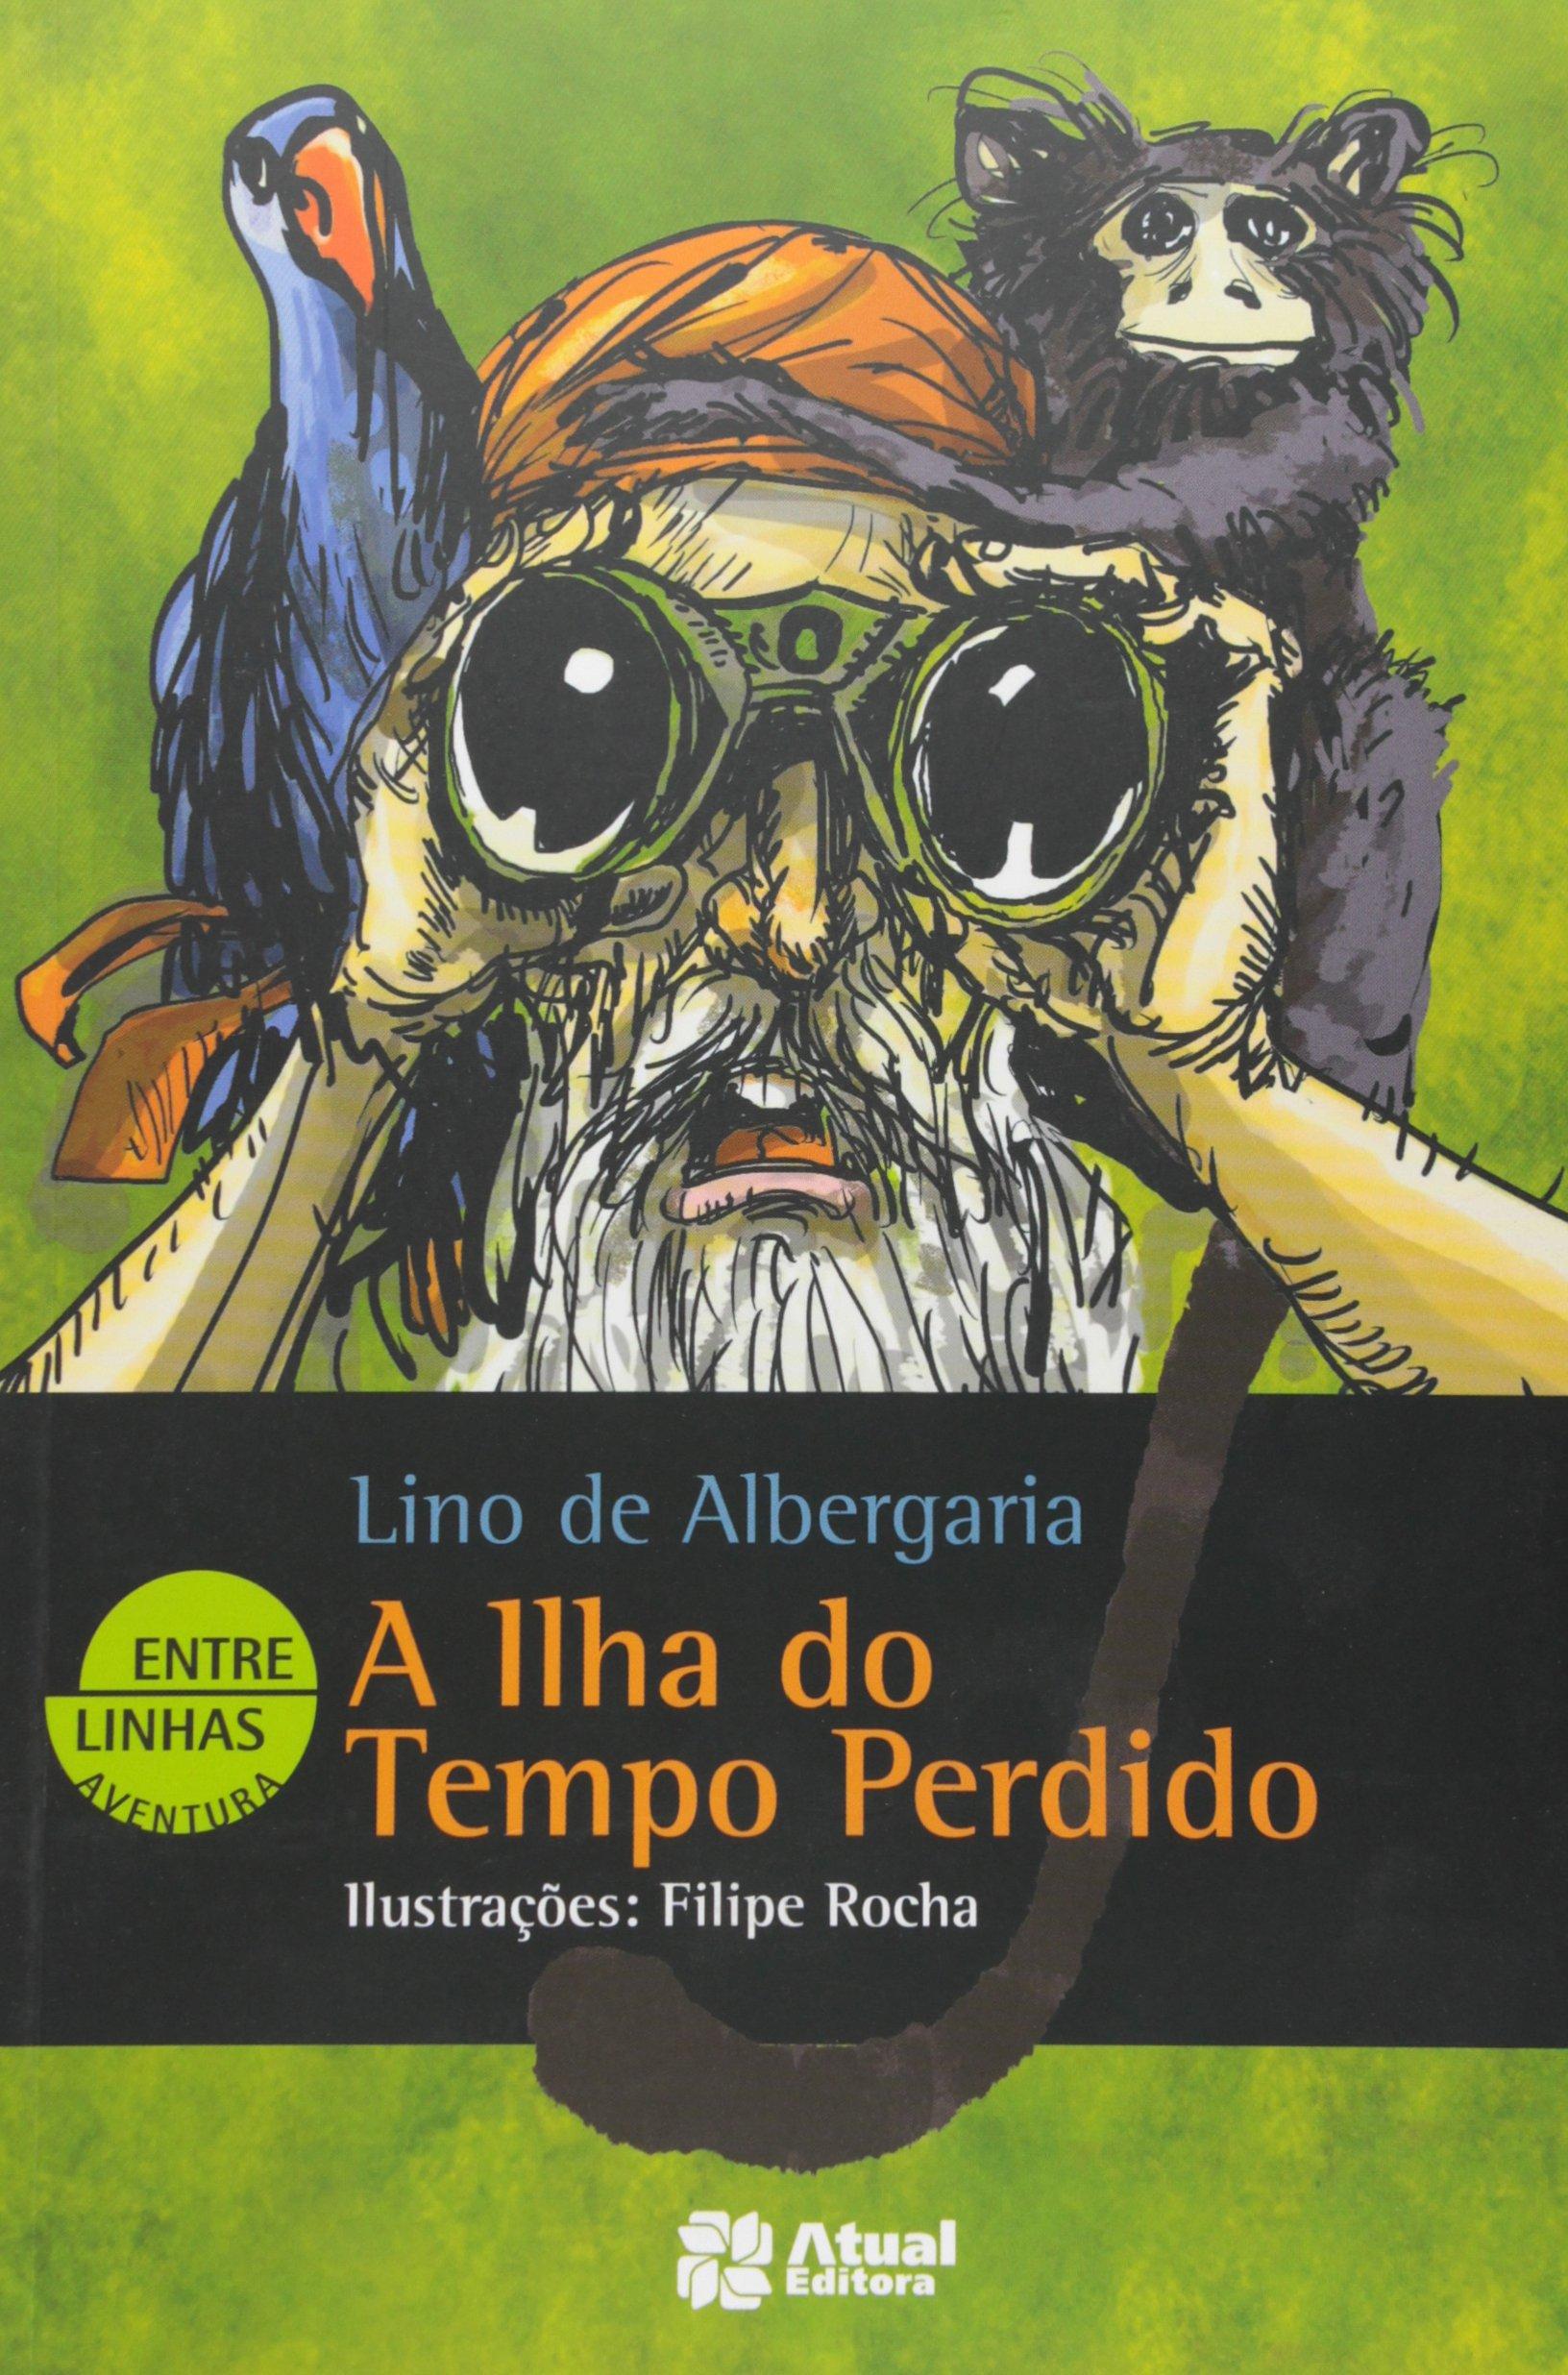 78a9f42e881 A Ilha do Tempo Perdido - Coleção Entre Linhas - Livros na Amazon Brasil-  9788535719314